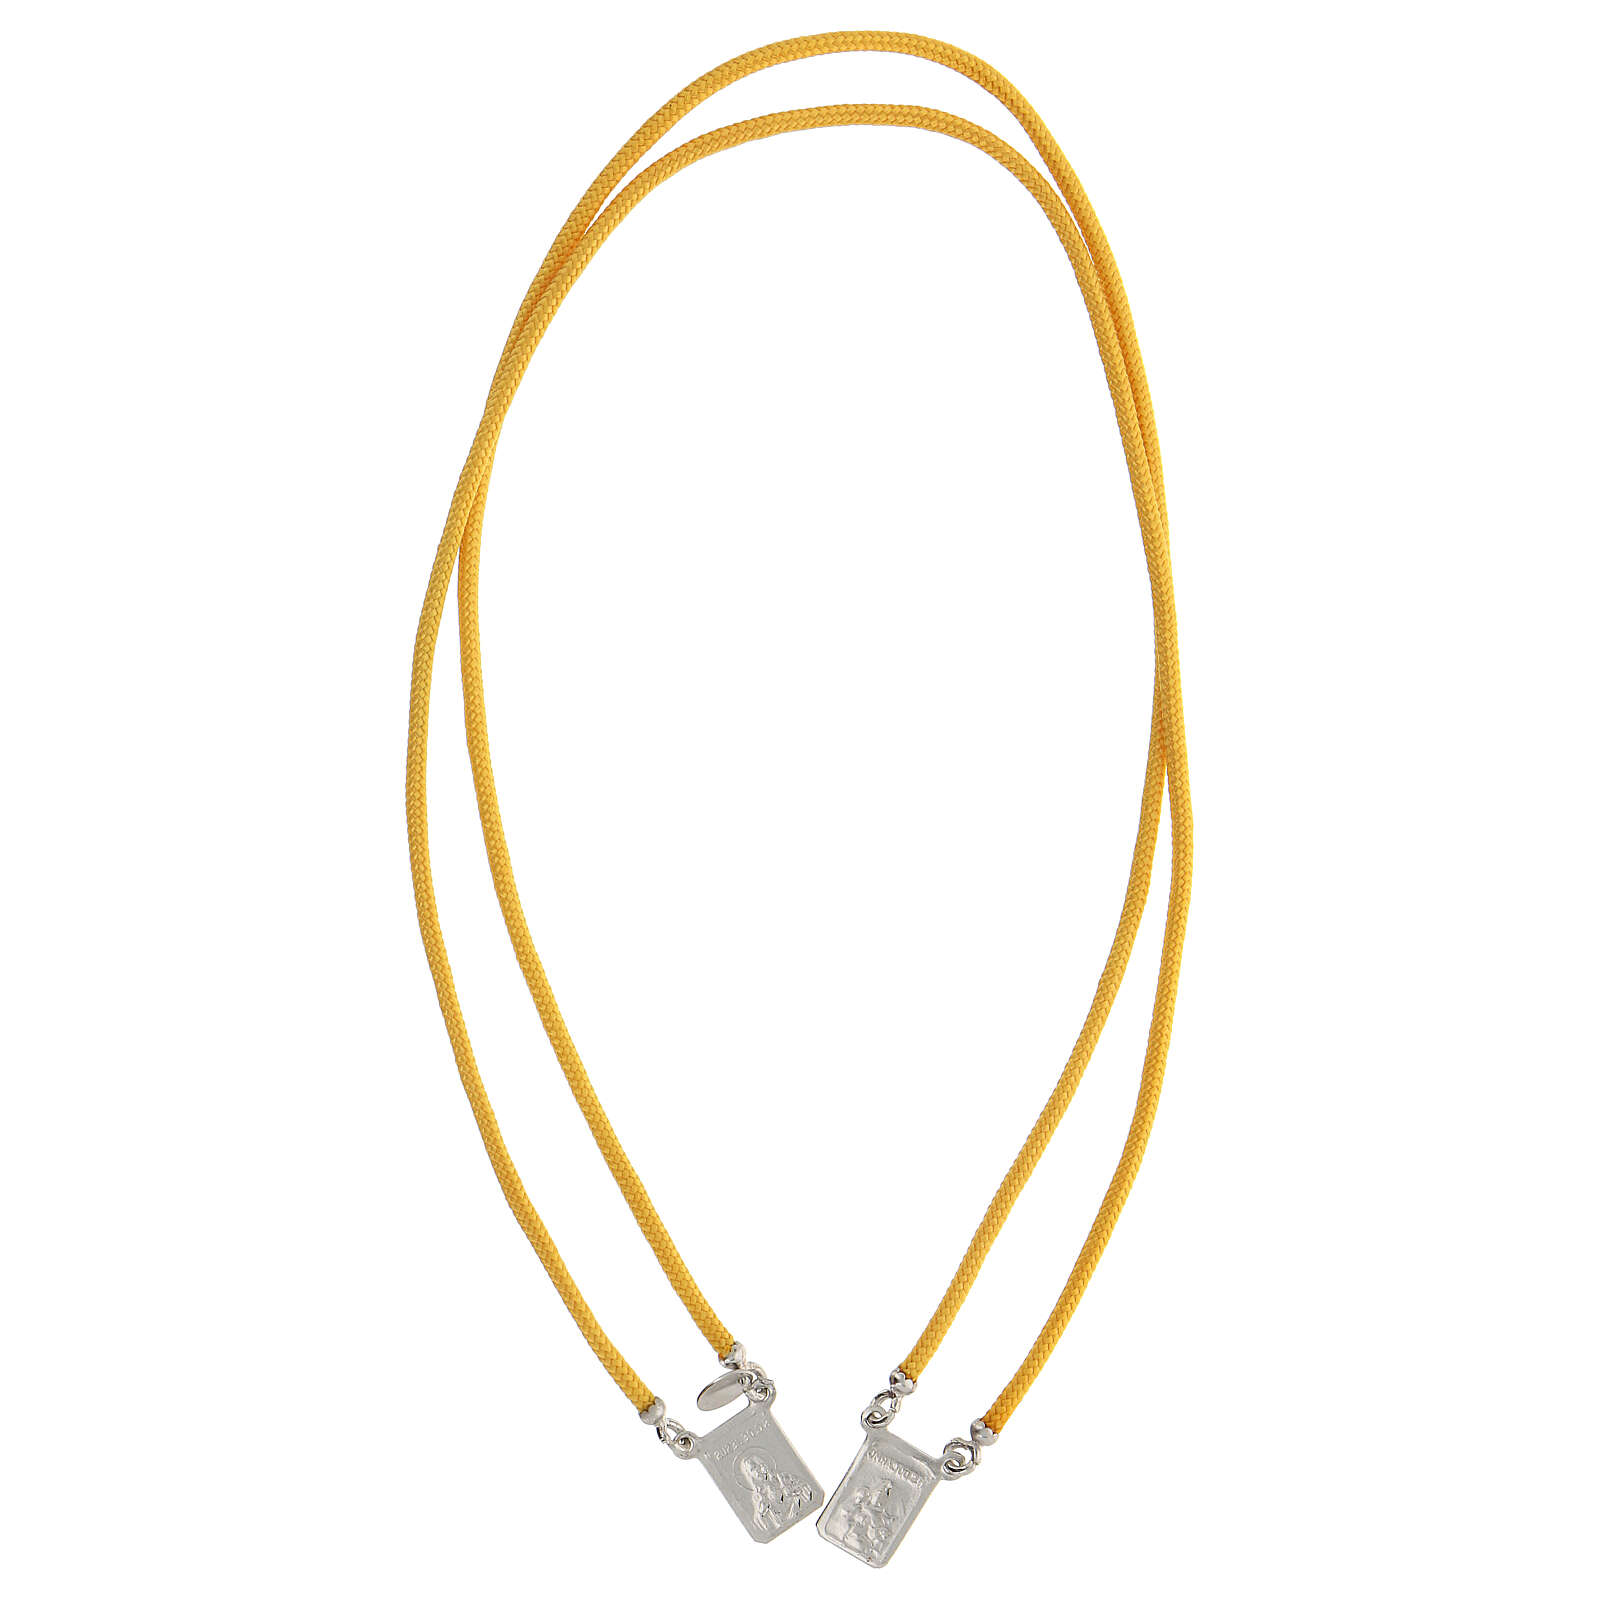 Escapulario plata 925 cuerda amarra amarilla medallas escuadradas 4